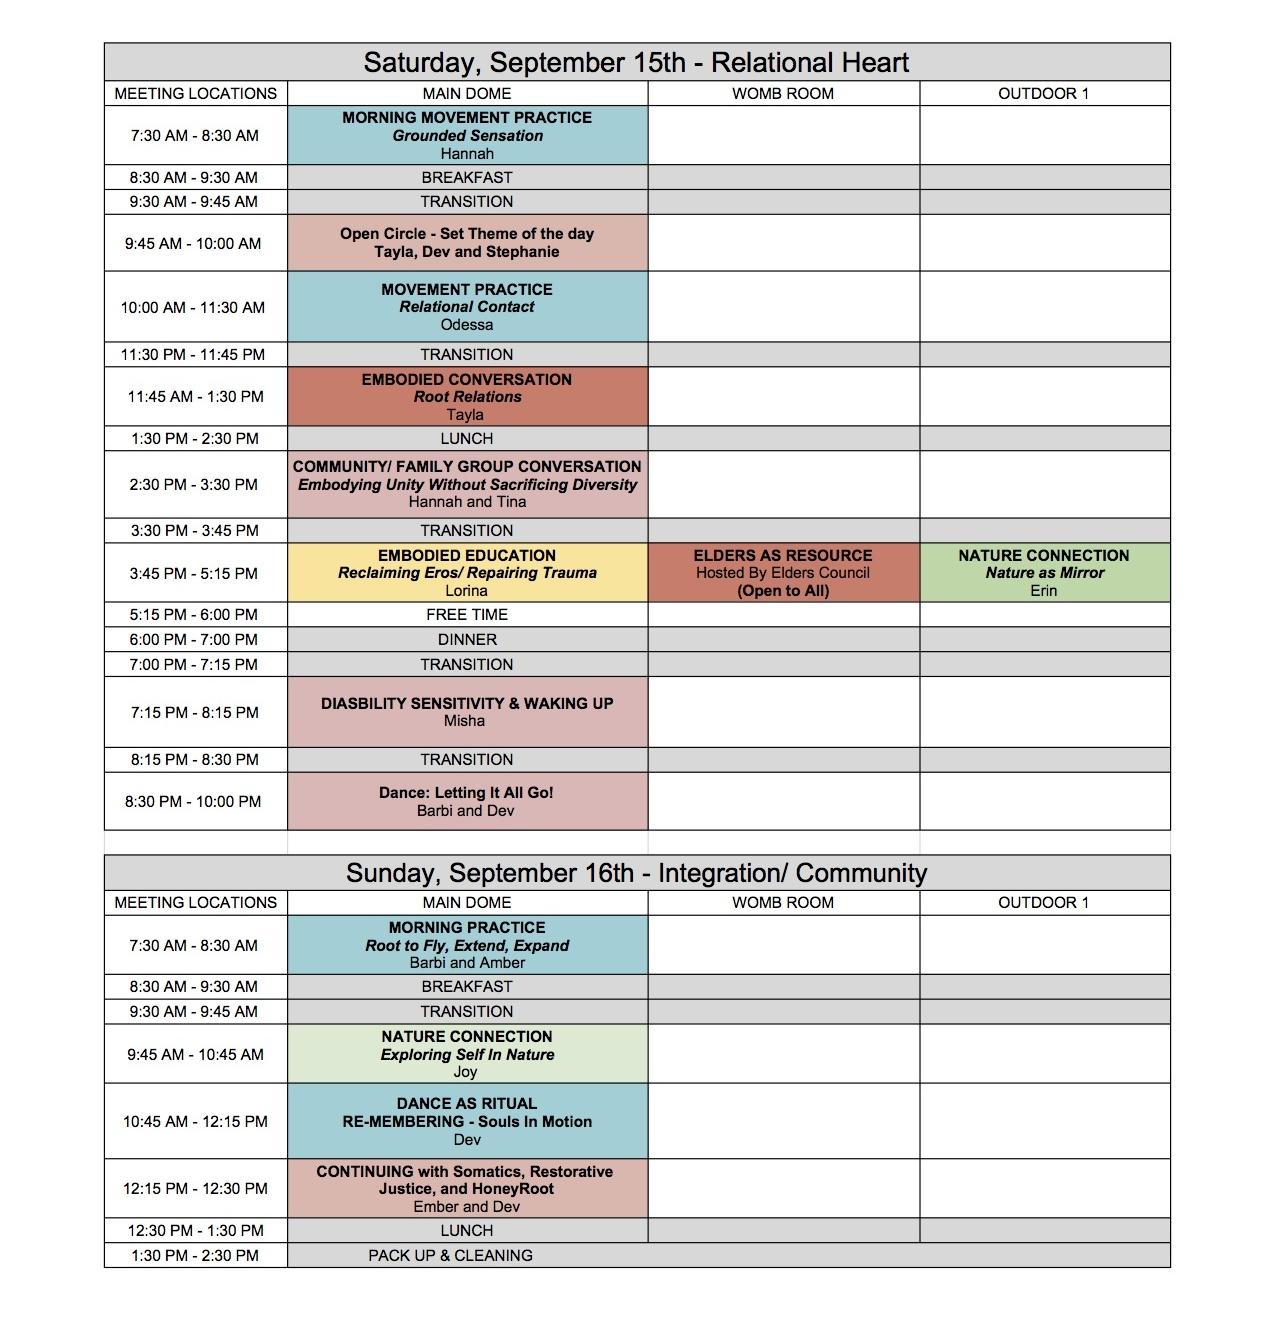 2018 HR Gathering schedule2.jpg